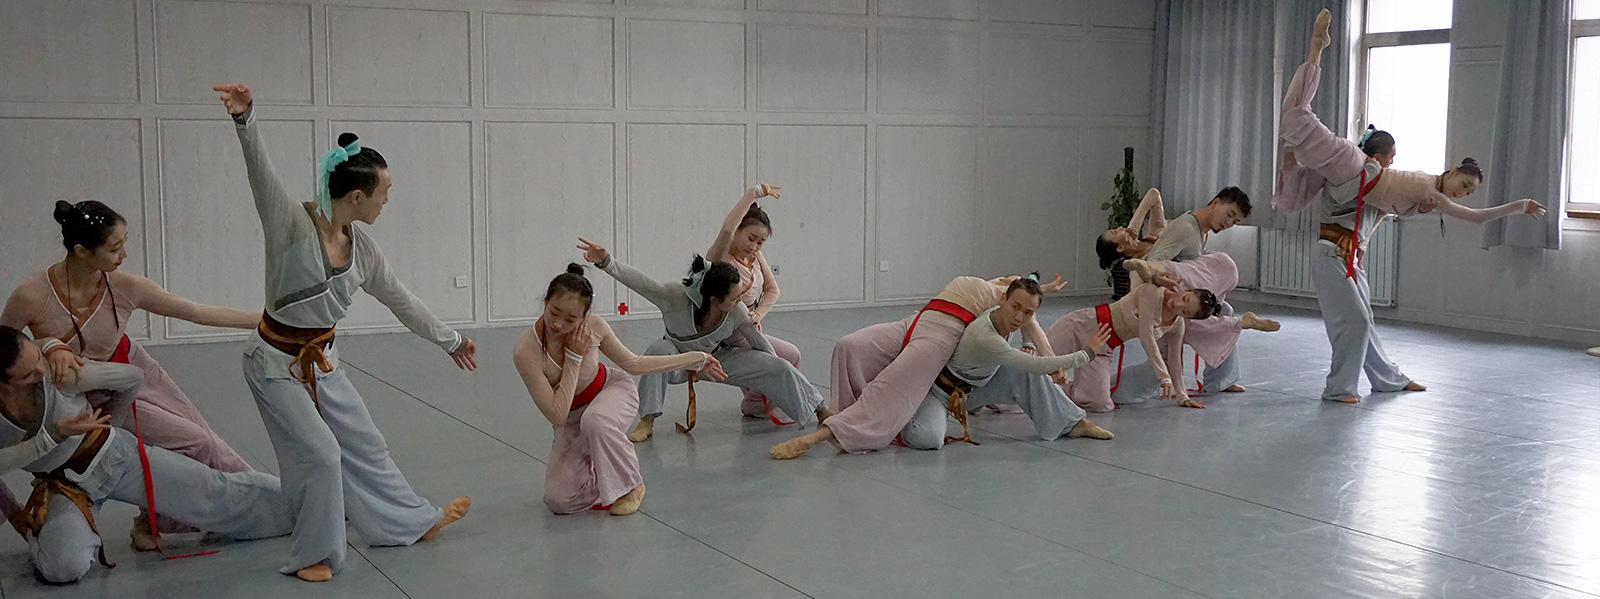 中国舞《国风》展示-1600-2